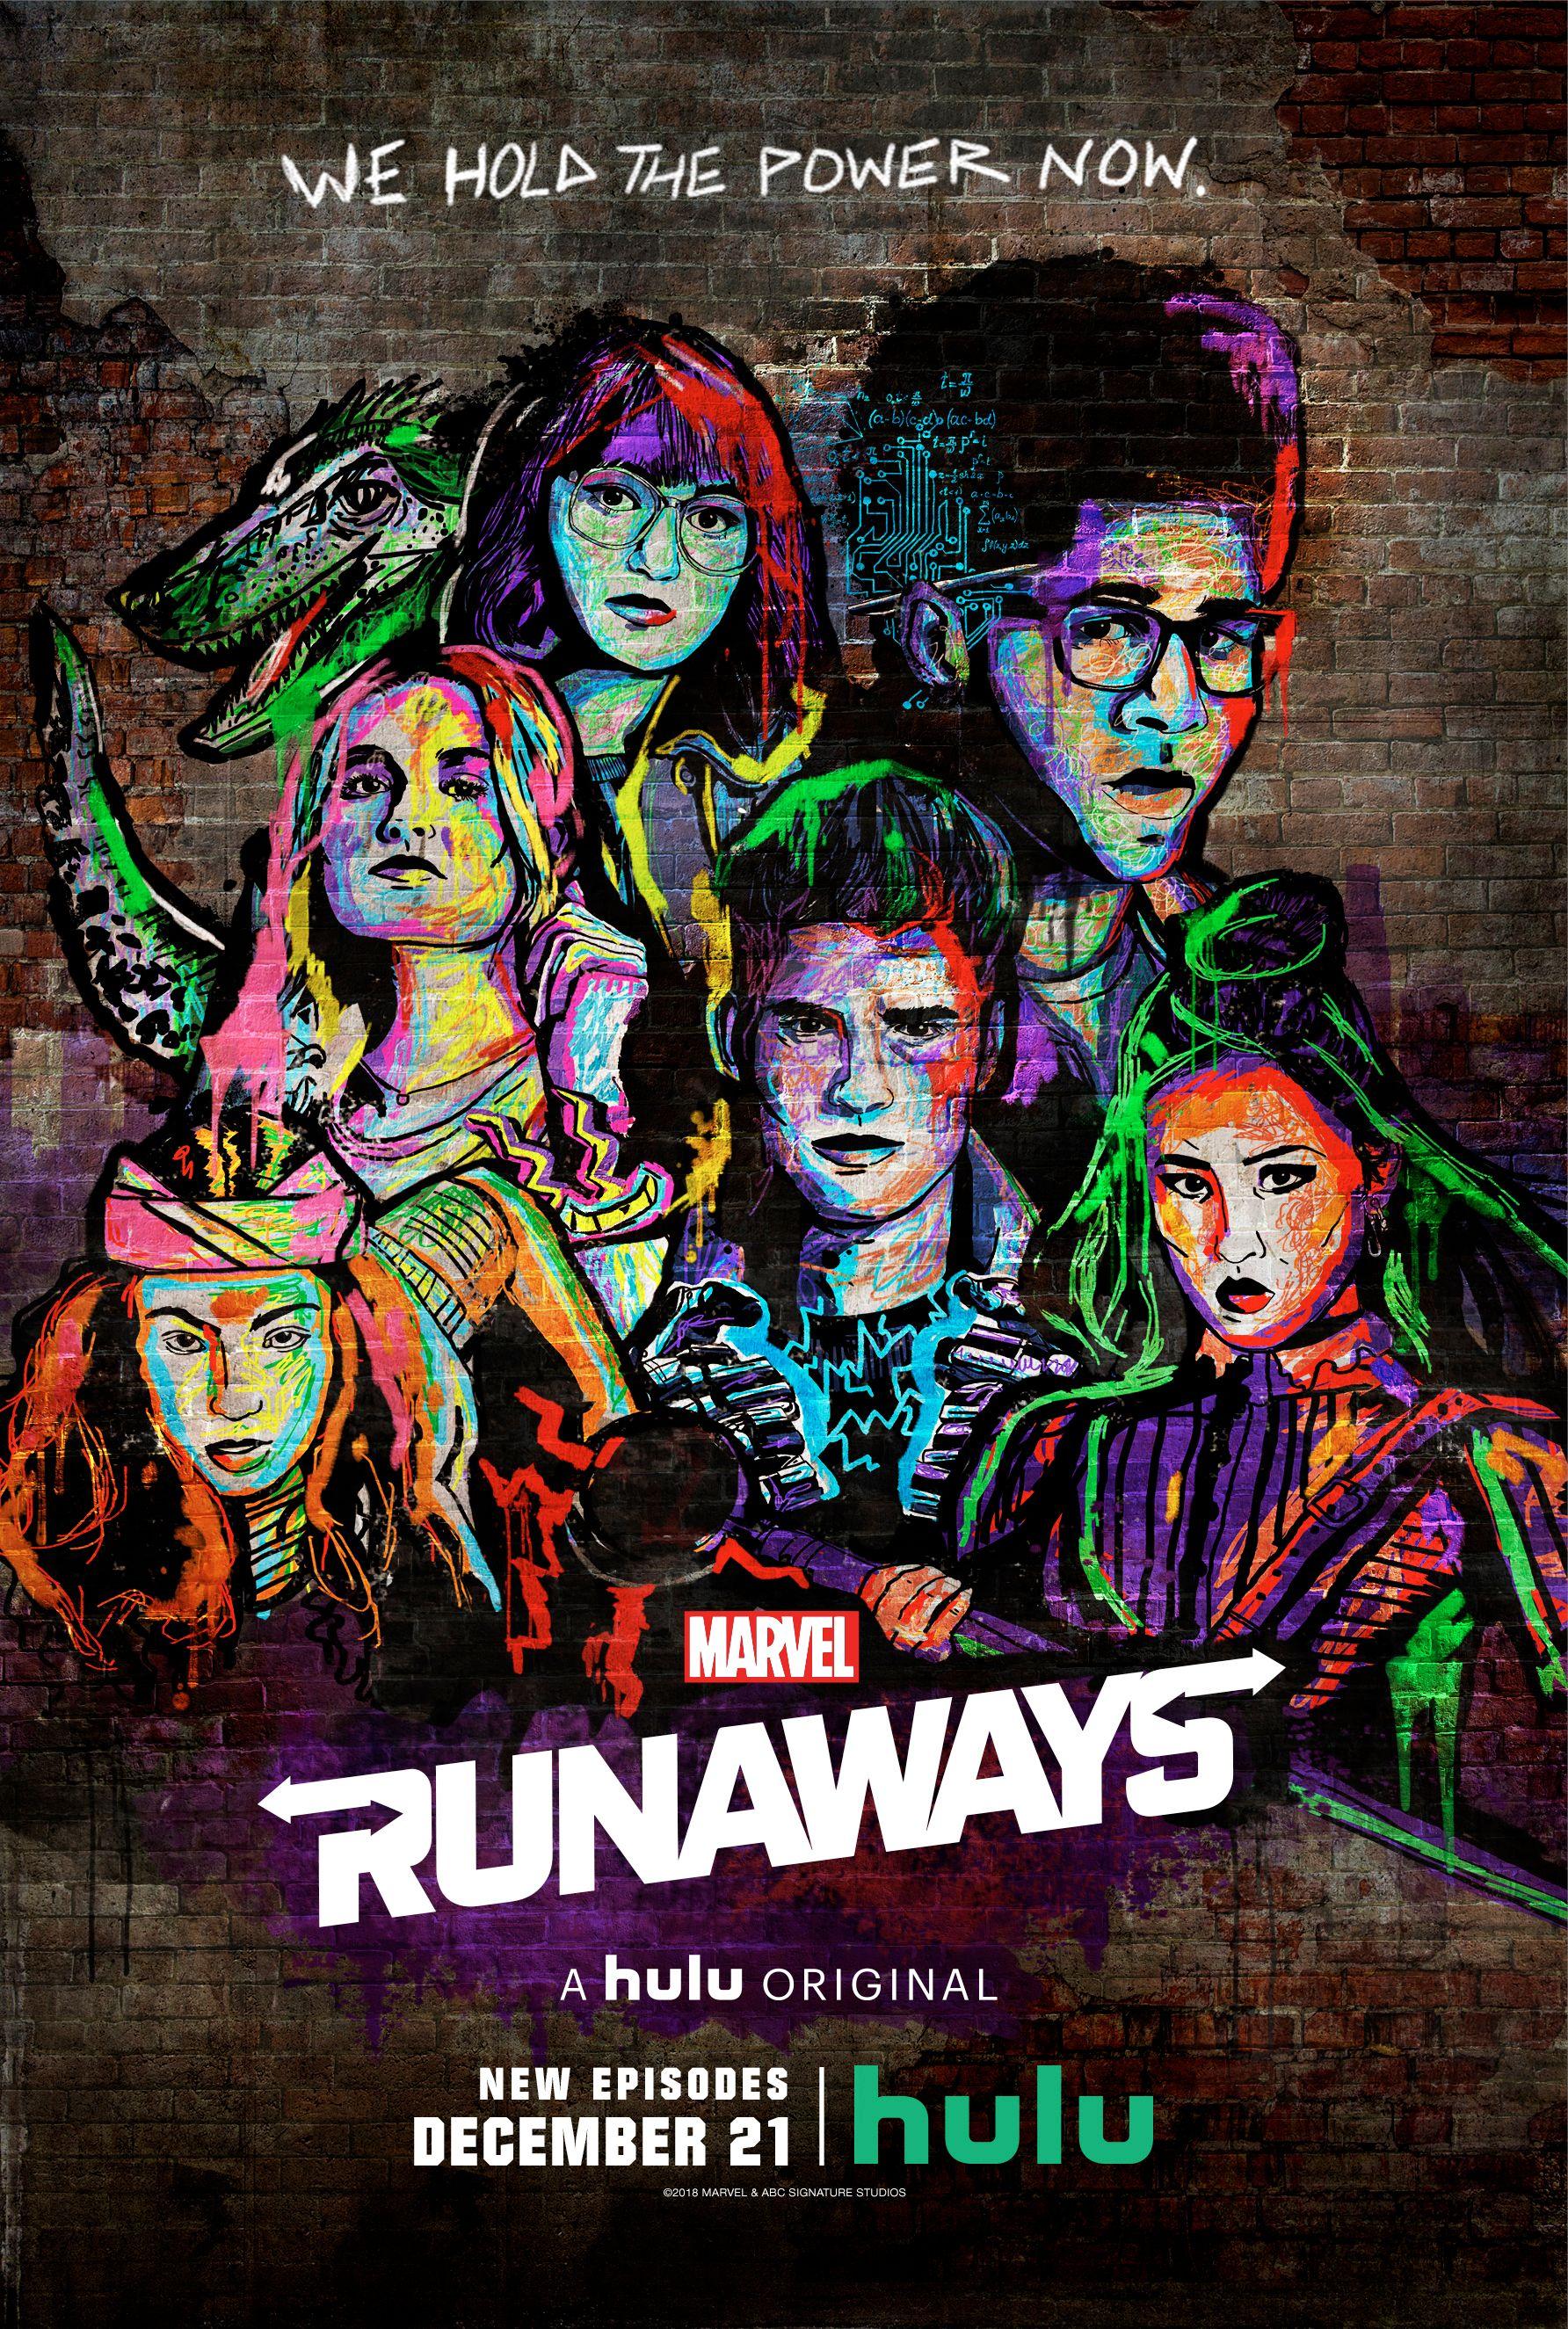 Marvel's Runaways Season 2 Trailer Teases Hulu's Superhero ...